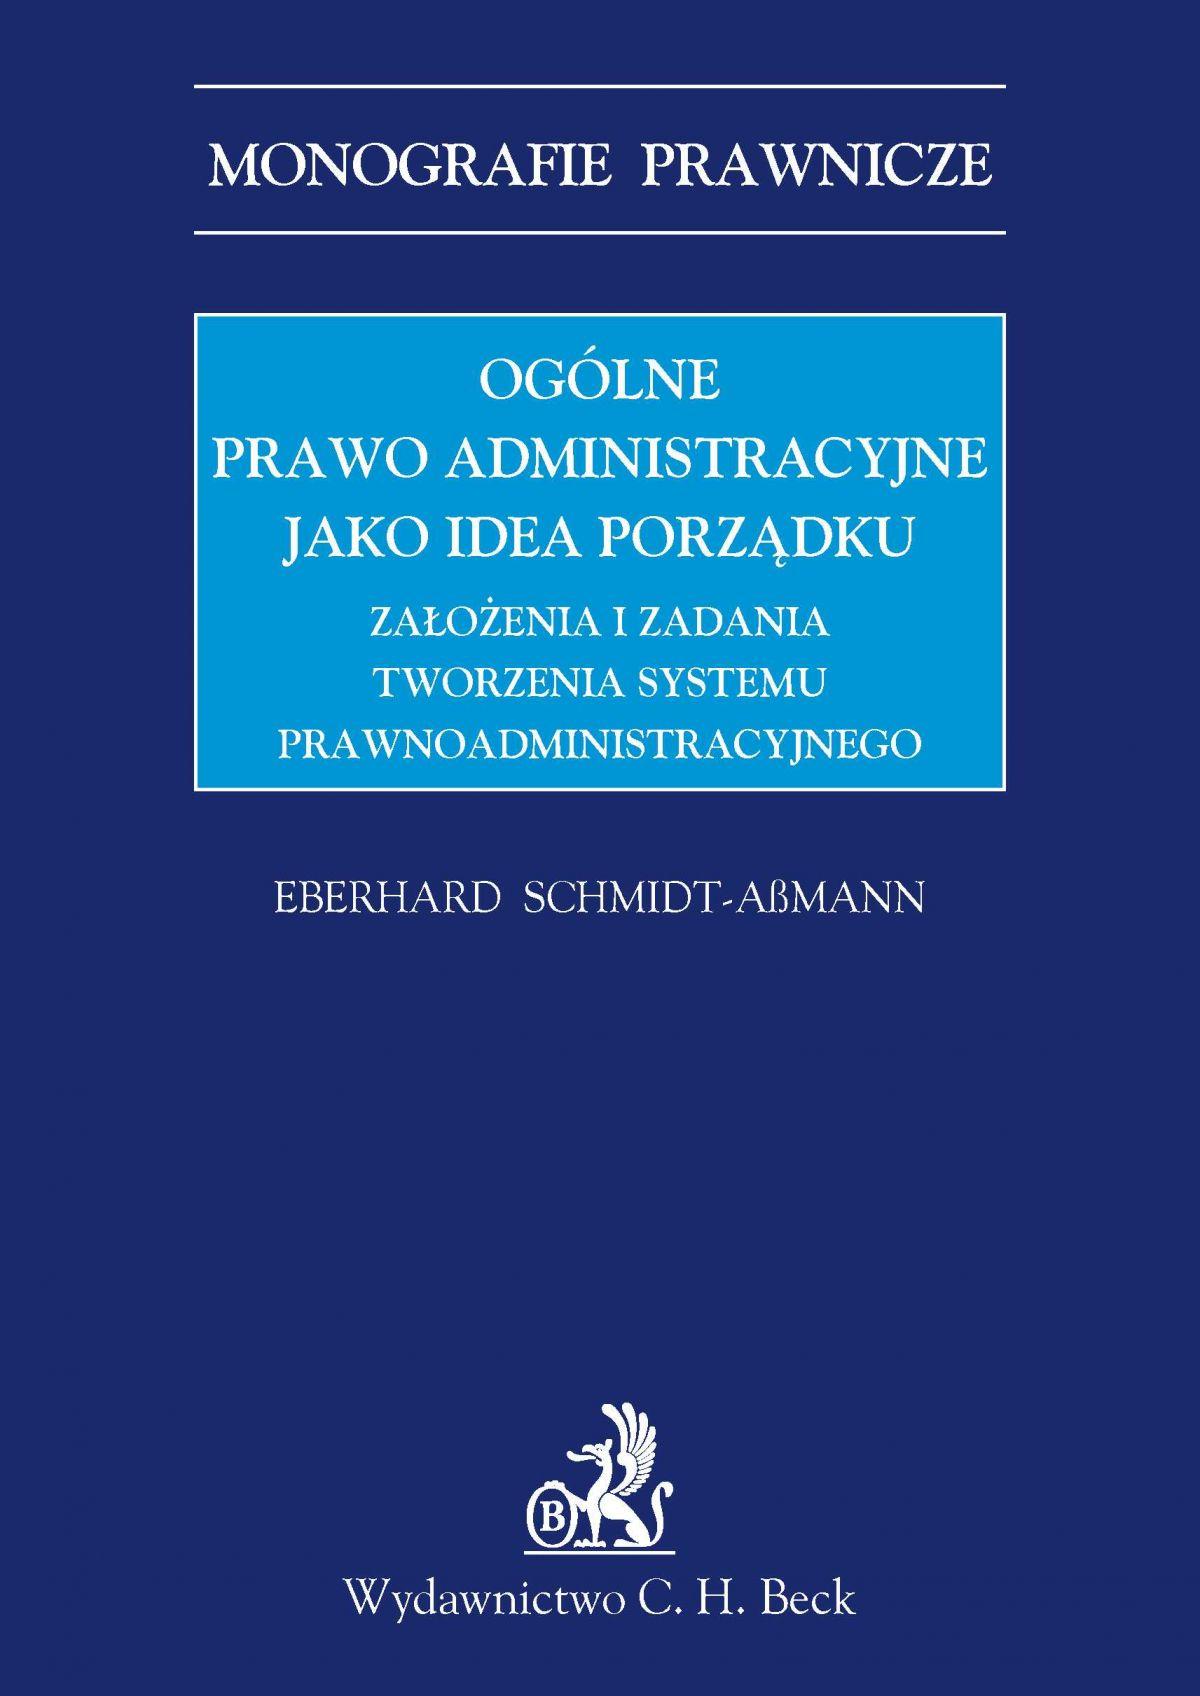 Ogólne prawo administracyjne jako idea porządku - Ebook (Książka PDF) do pobrania w formacie PDF